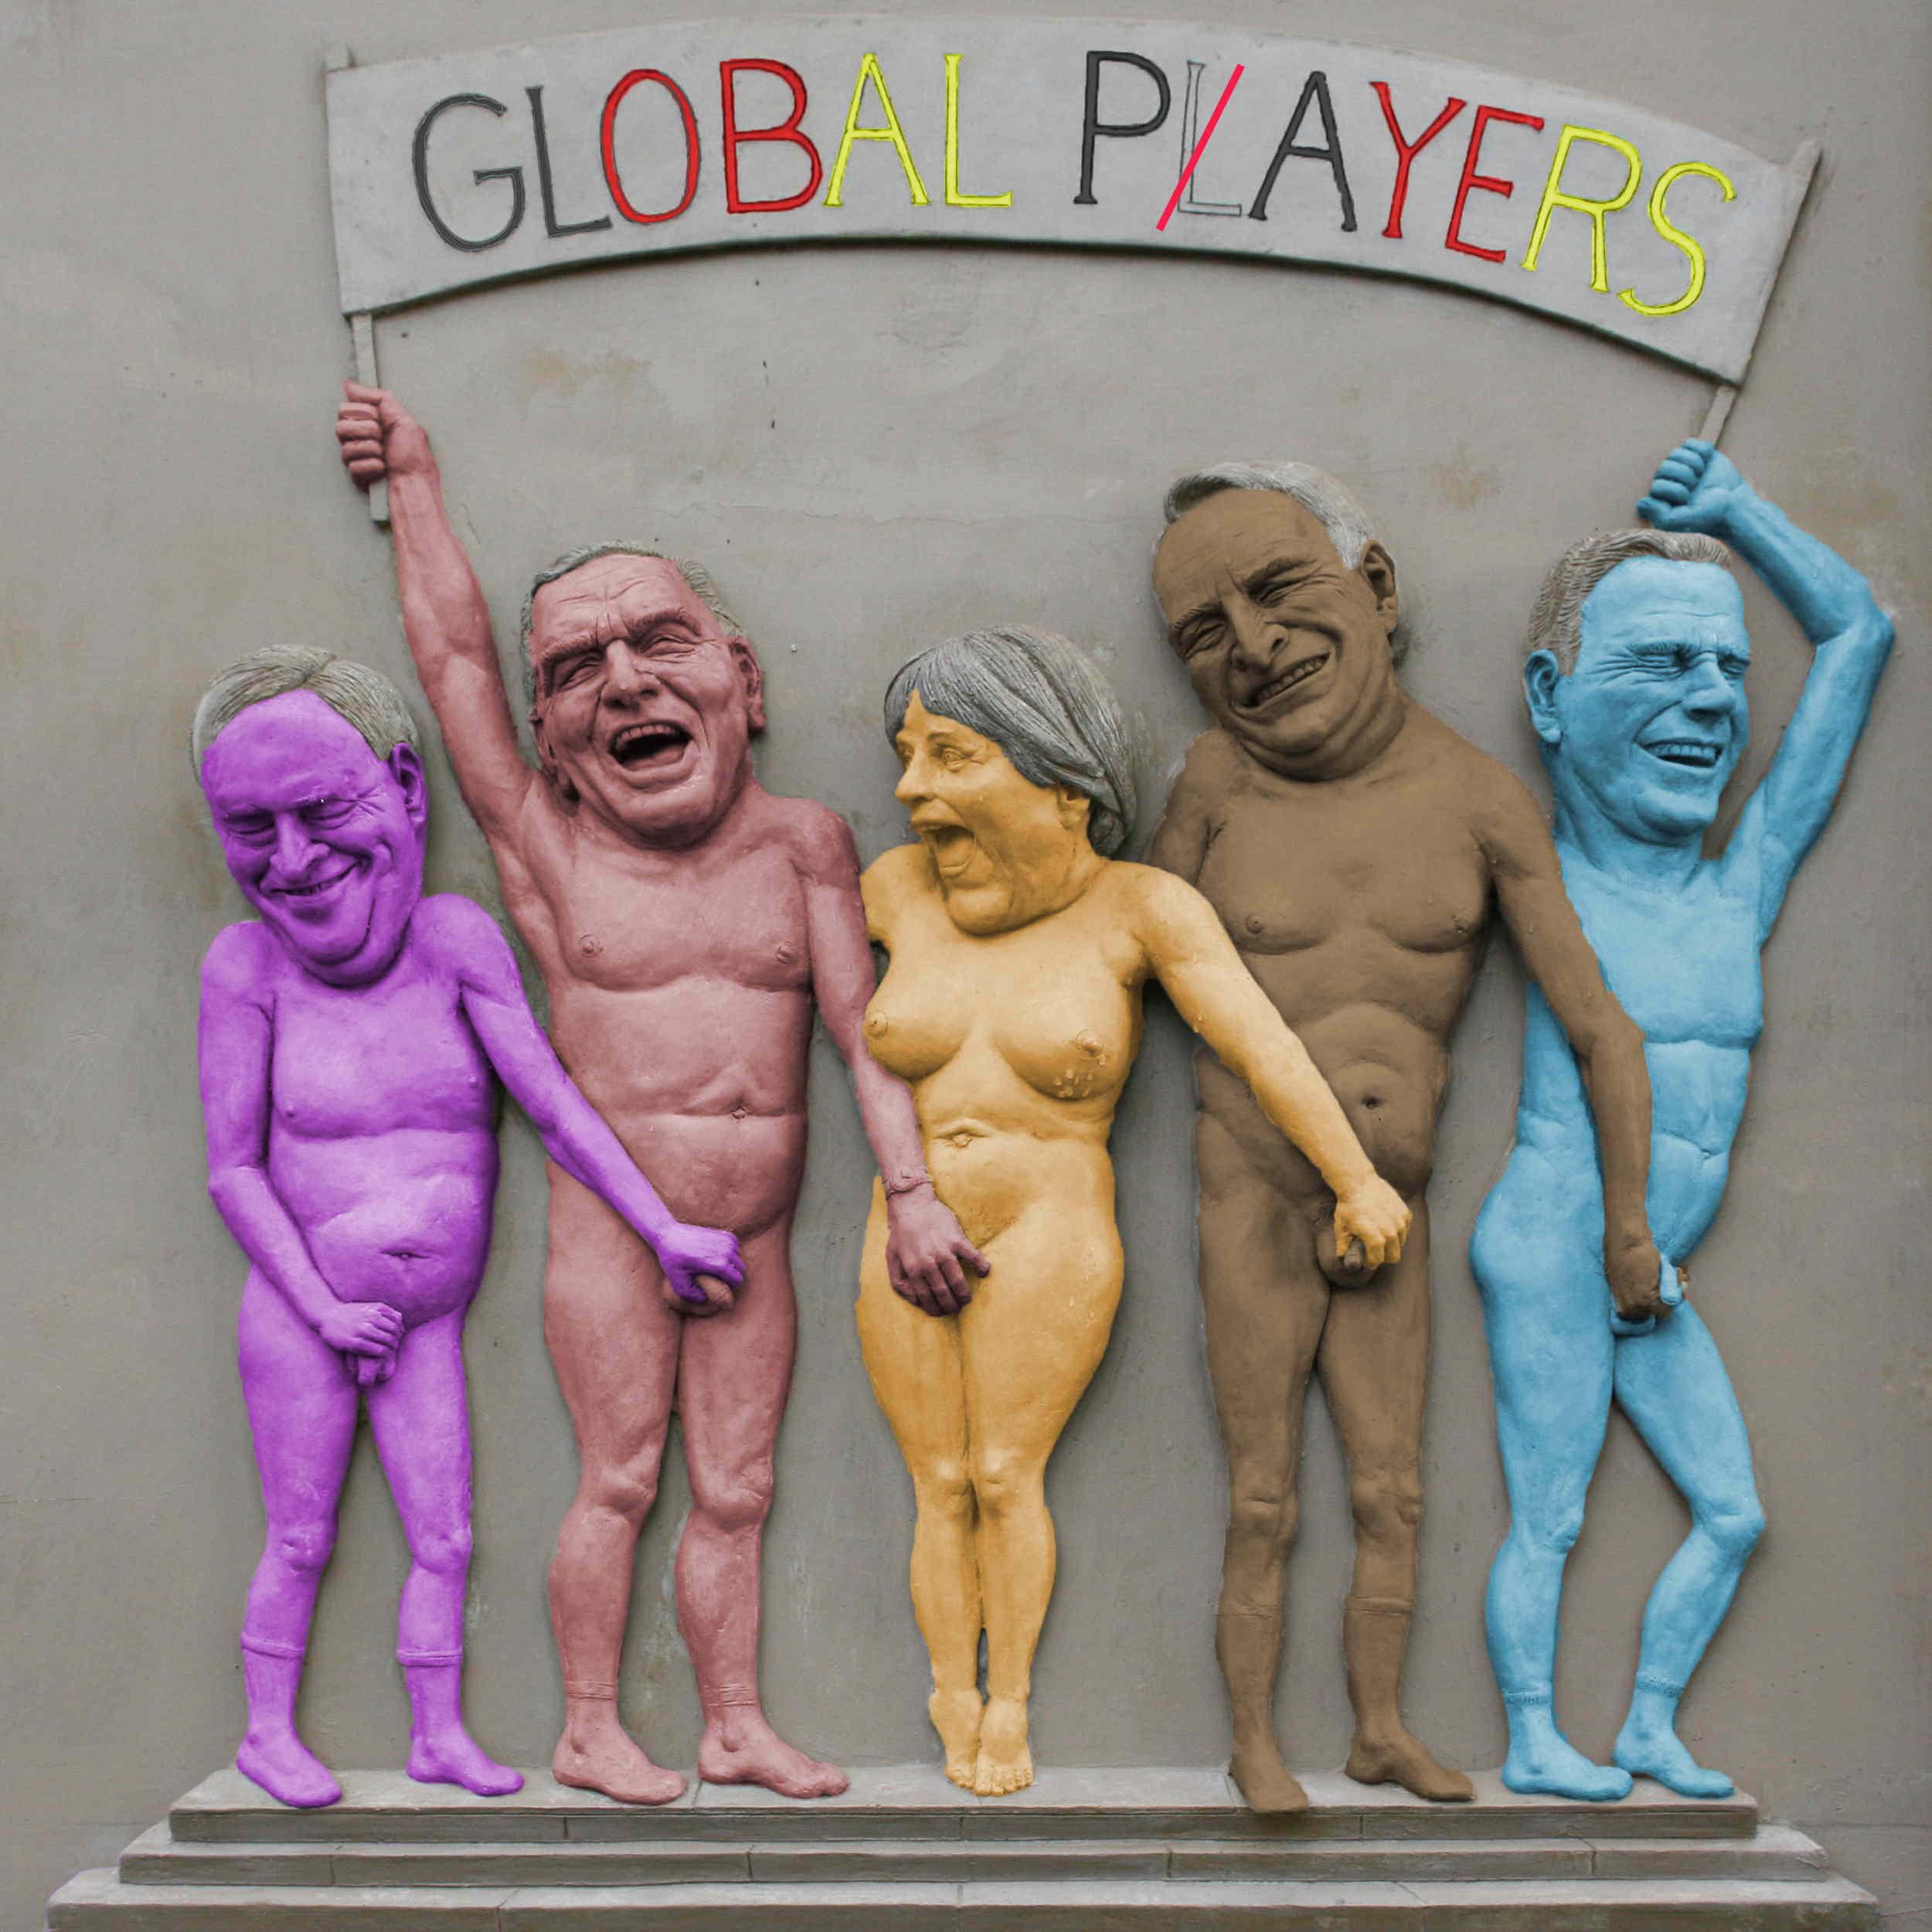 G7 Gipfel 2015 in Deutschland Sturm auf den schamlosesten Gipfel Europas Bodman-Ludwigshafen_Global Players_Payers_Ludwigs_Erbe